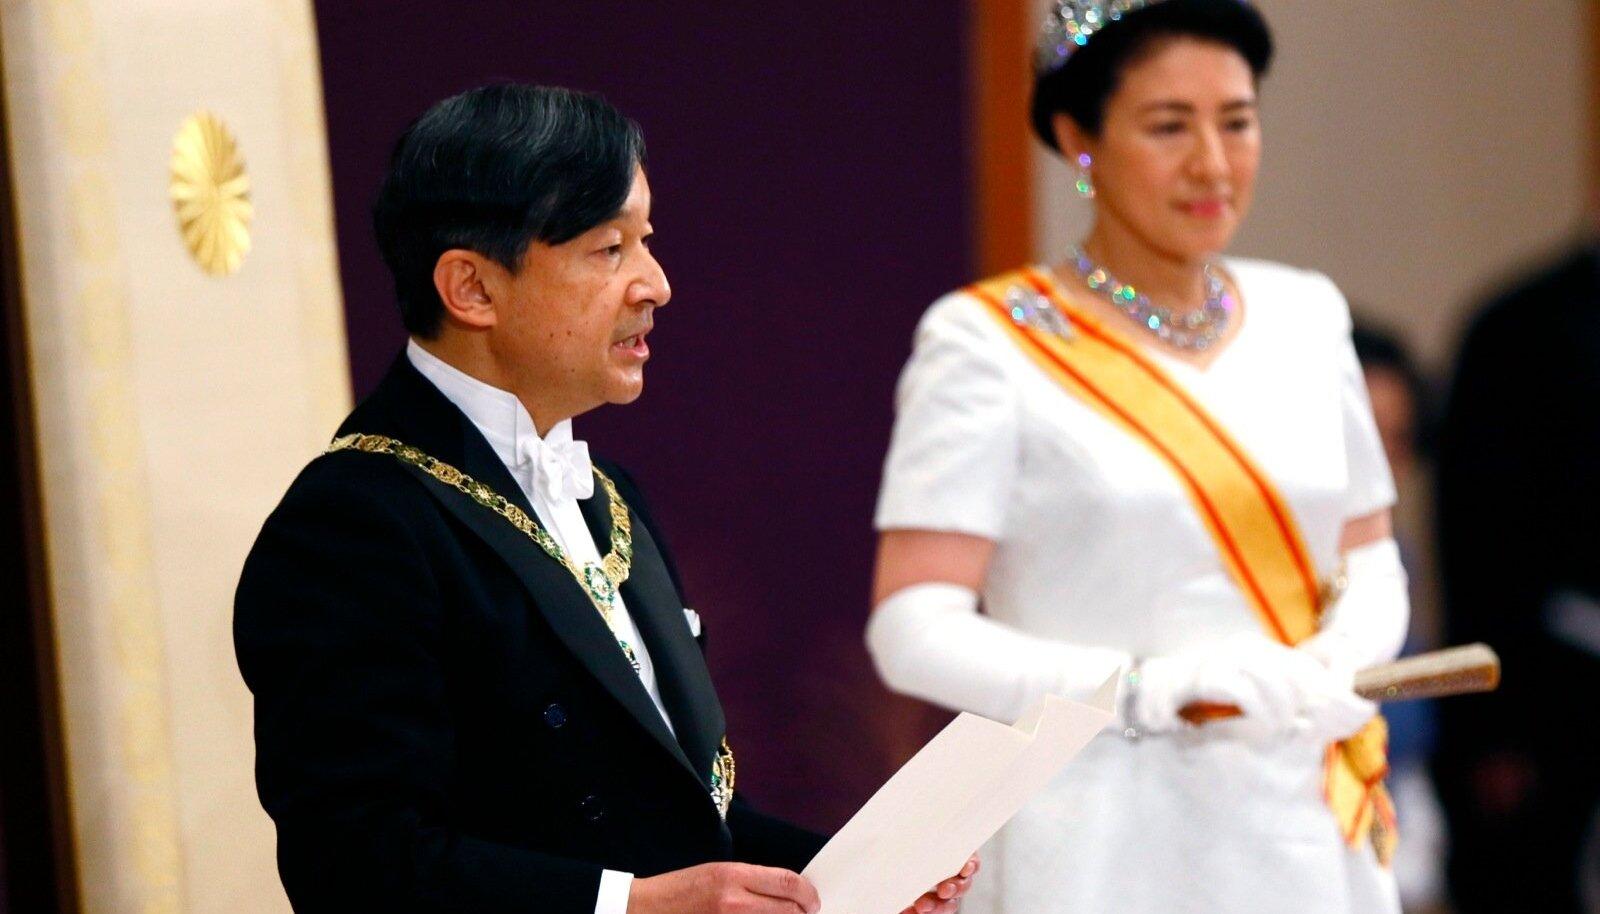 Naruhitost sai esimene läänes õppinud Jaapani keiser